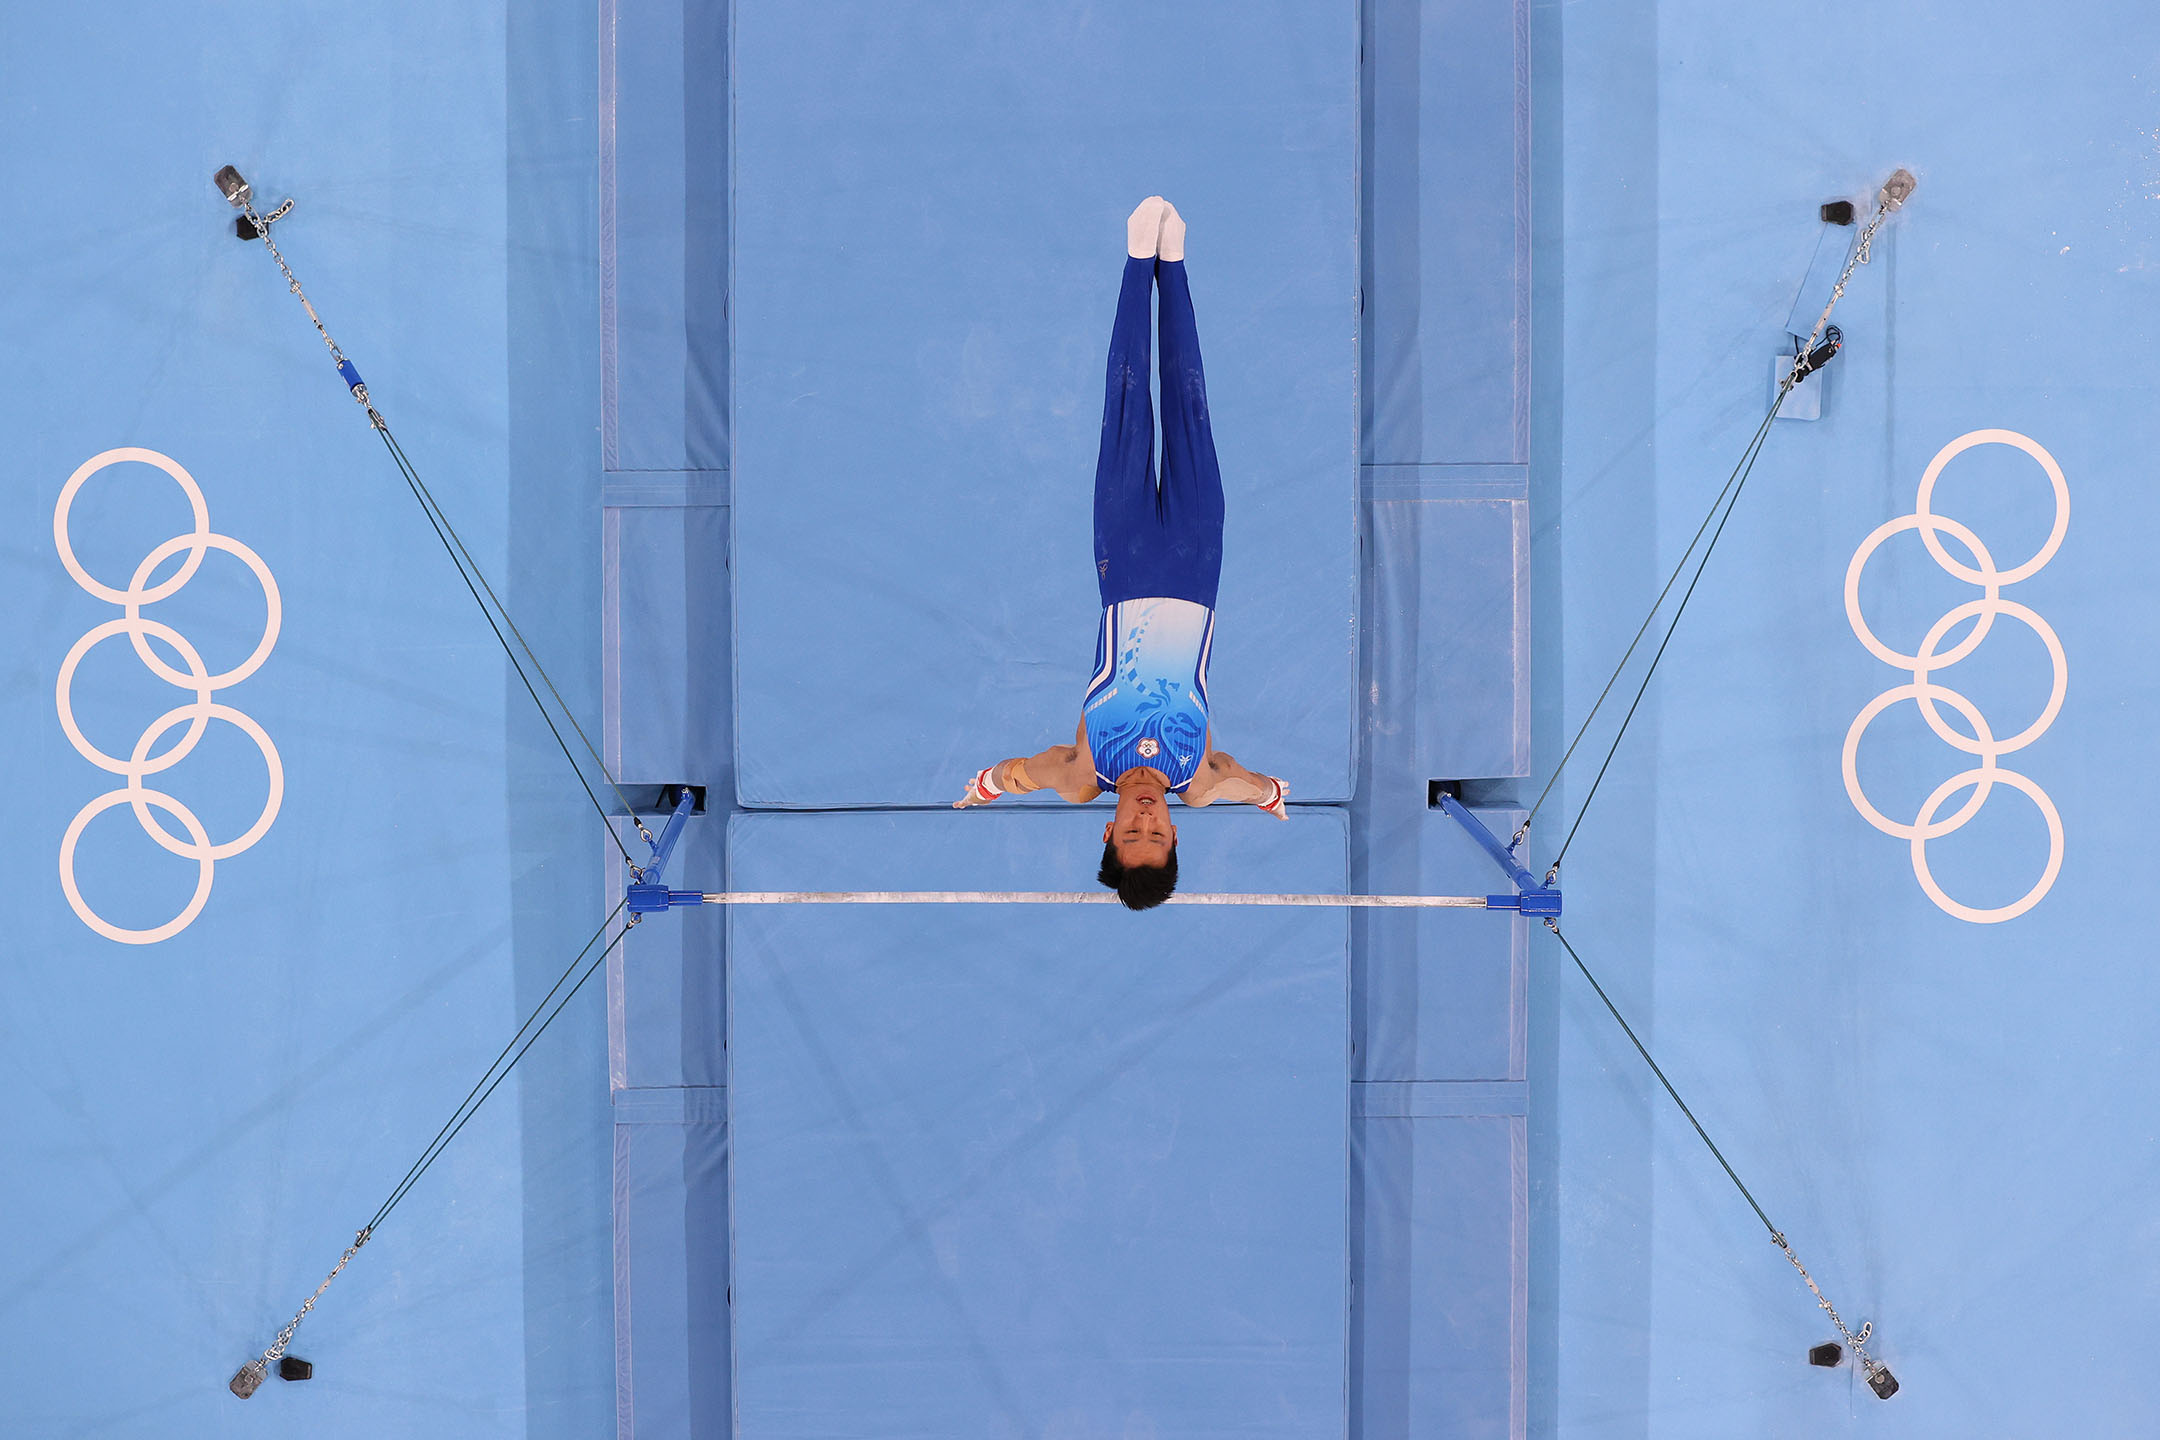 2021年7月28日日本東京,中華台北隊李智凱在東京奧運會男子個人全能決賽期間參加單槓比賽。 攝:Laurence Griffiths/Getty Images